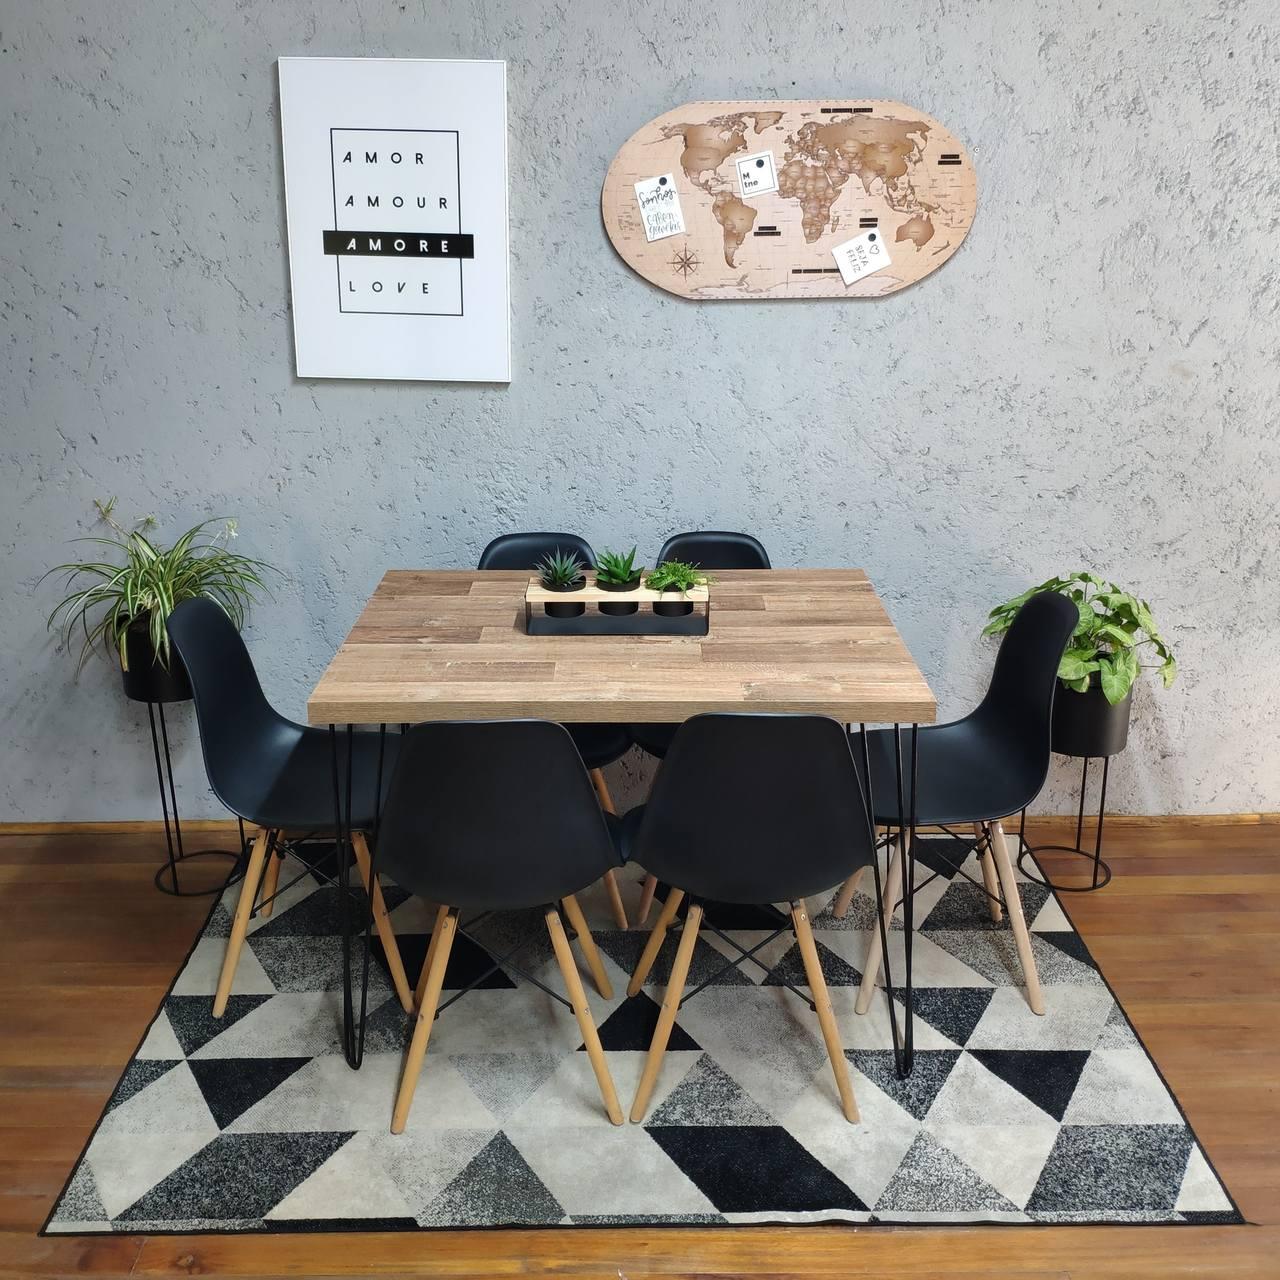 Mesa de Jantar Western Hairpin Legs 90x150 com 6 Cadeiras Eames Pretas